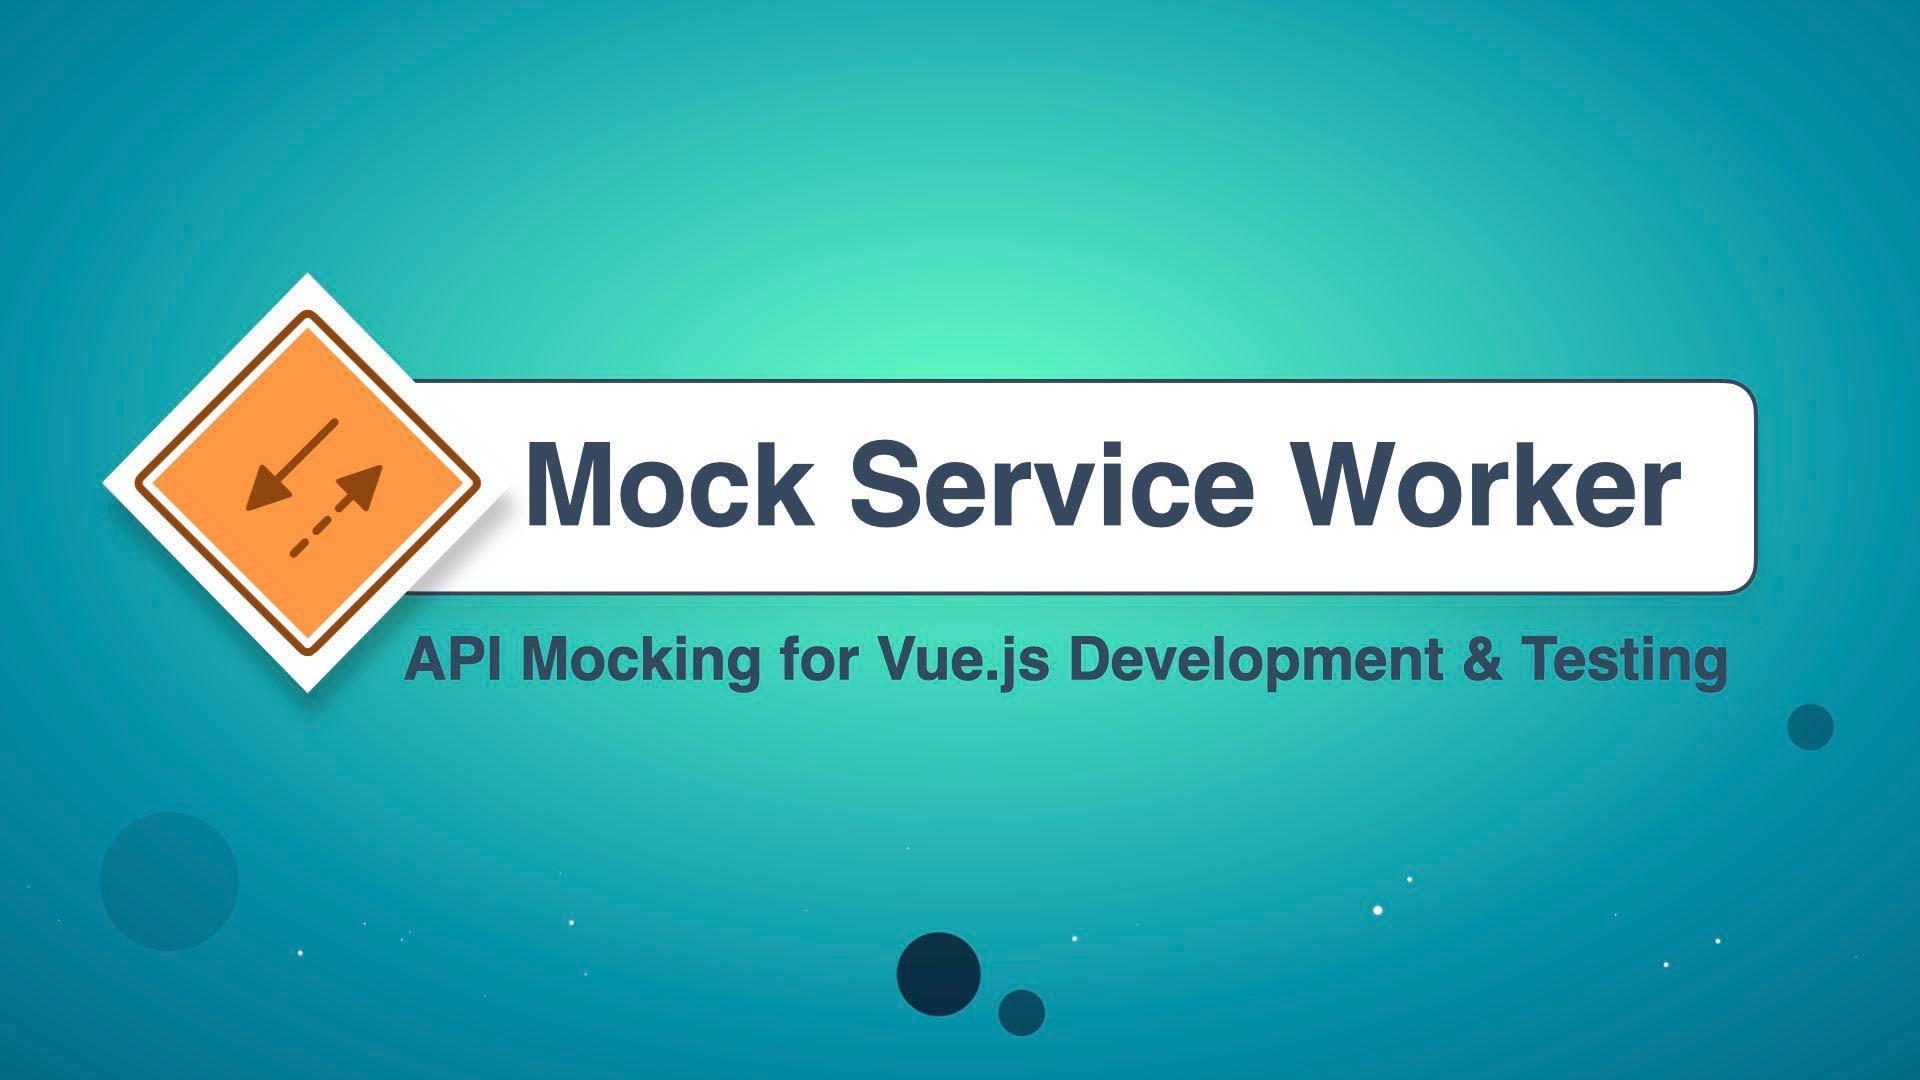 Mock Service Worker: API Mocking for Vue.js Development & Testing